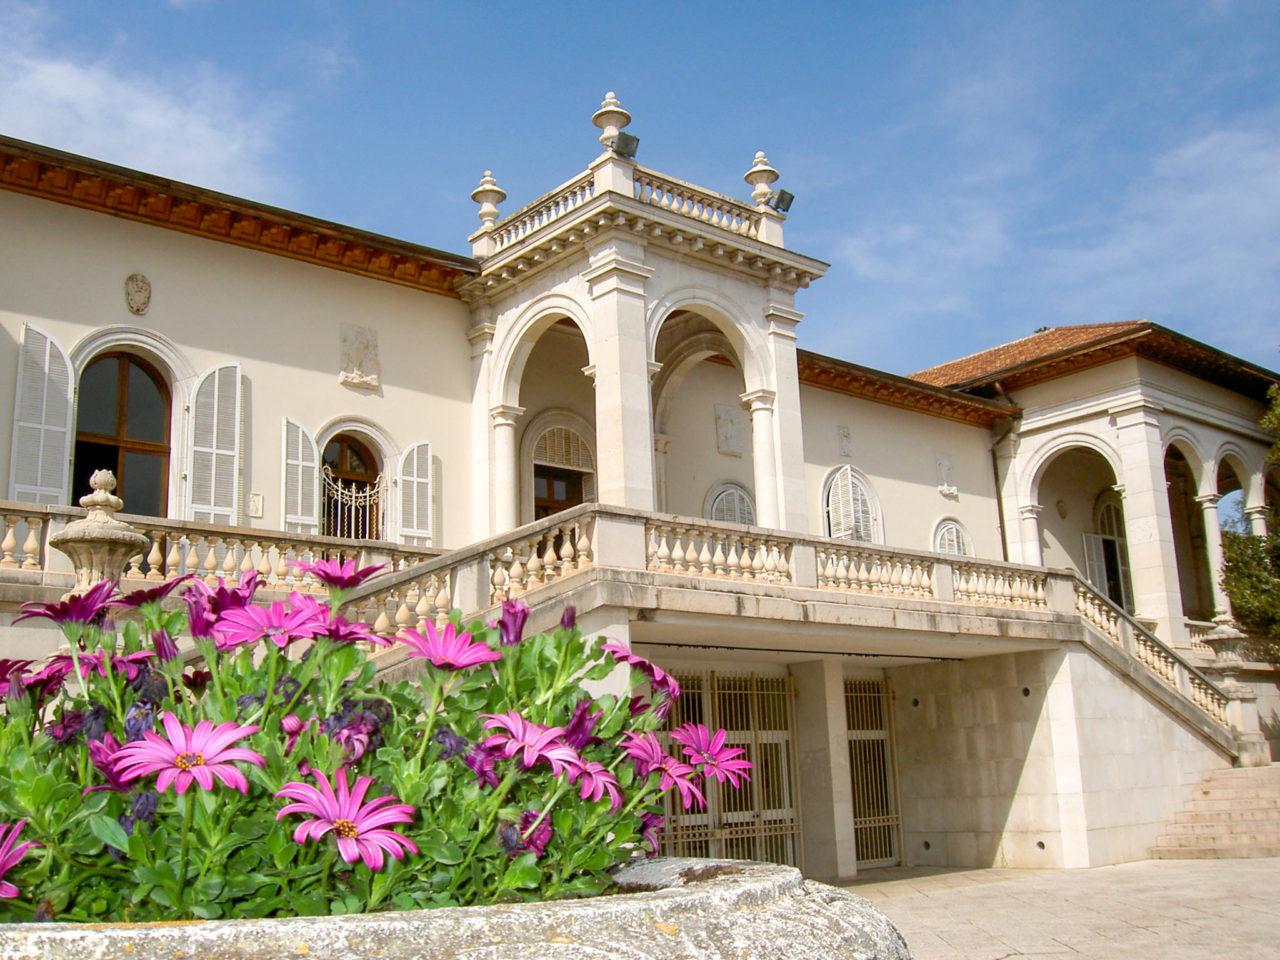 Вилла Ормонд (Villa Ormond)